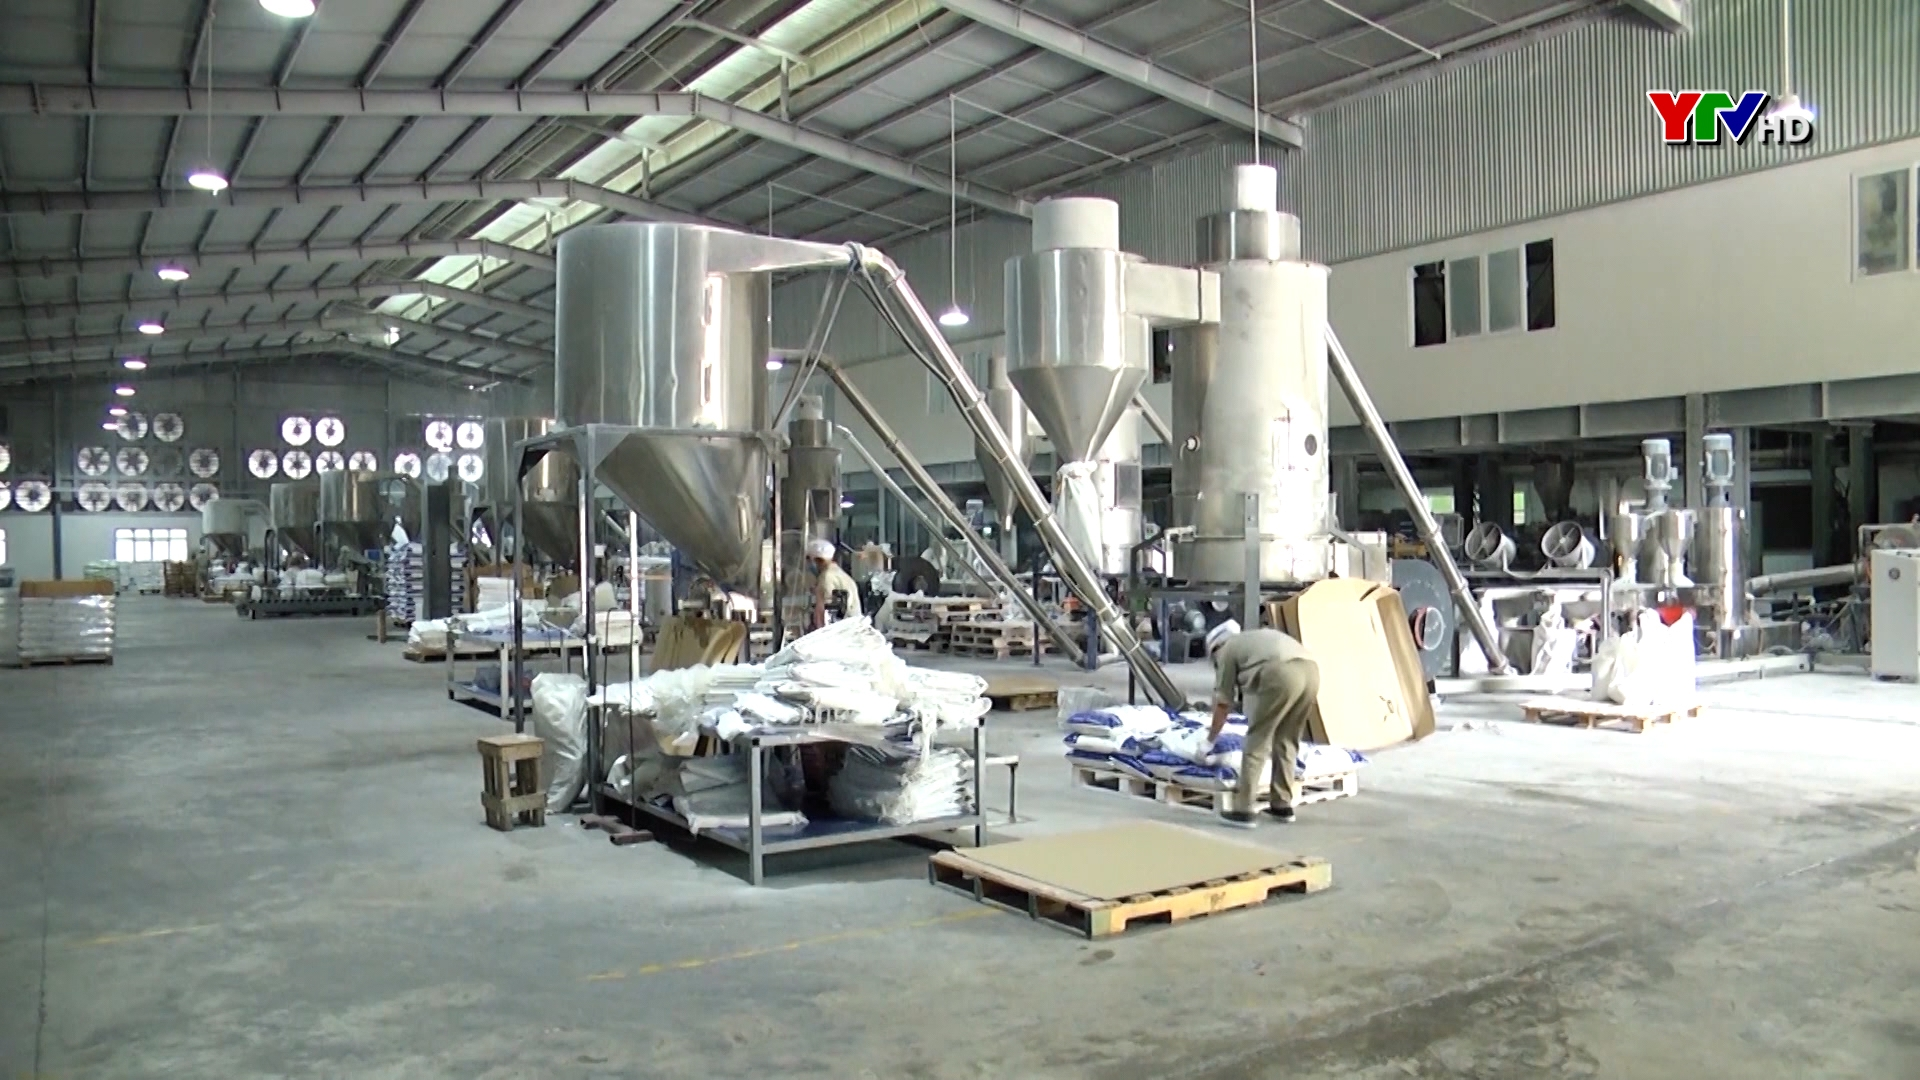 Chỉ số sử dụng lao động trong các doanh nghiệp của tỉnh Yên Bái tăng gần 3,9%